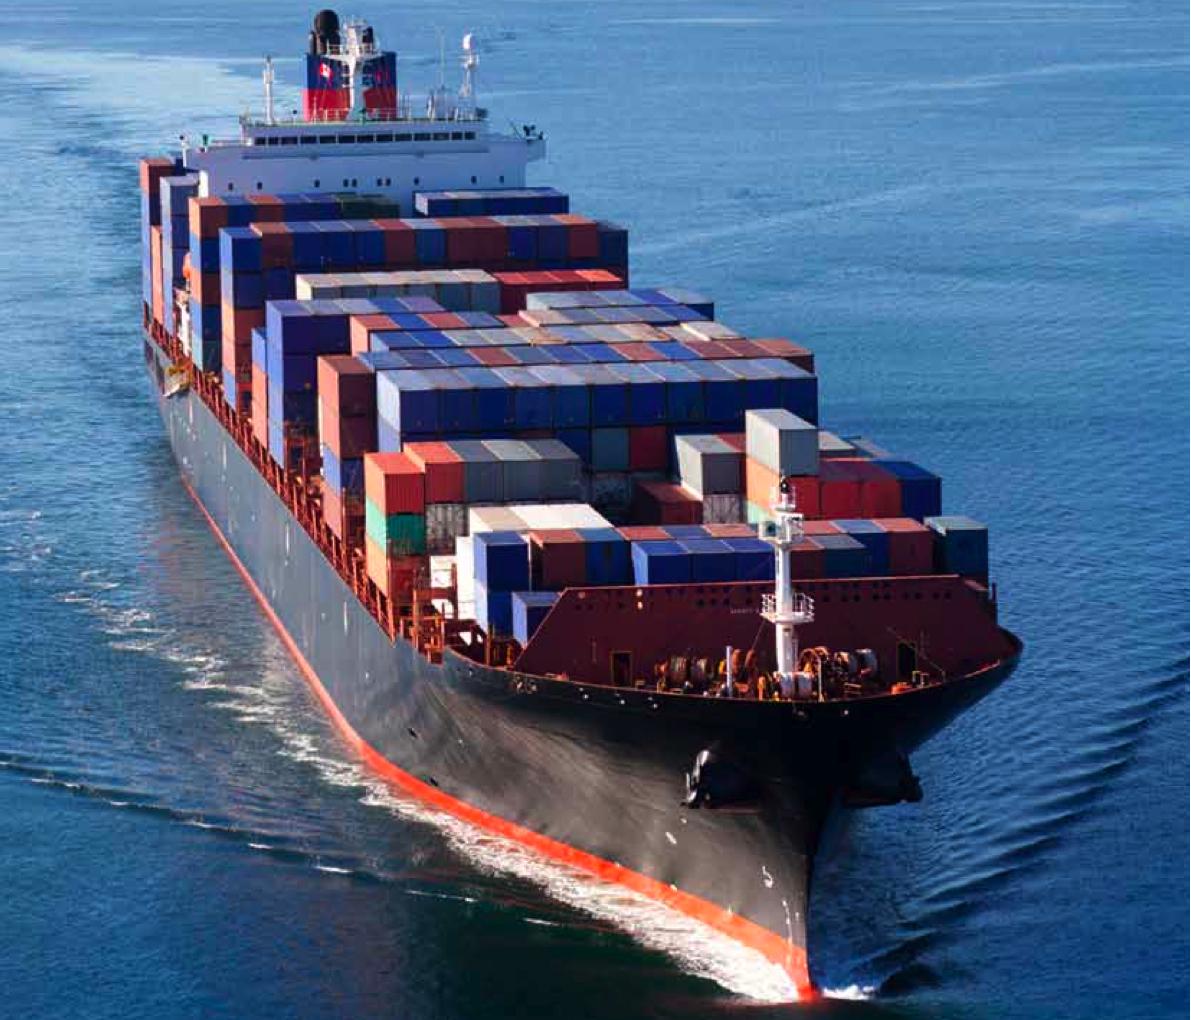 Transporte maritimo imagui - Contenedores de barco ...